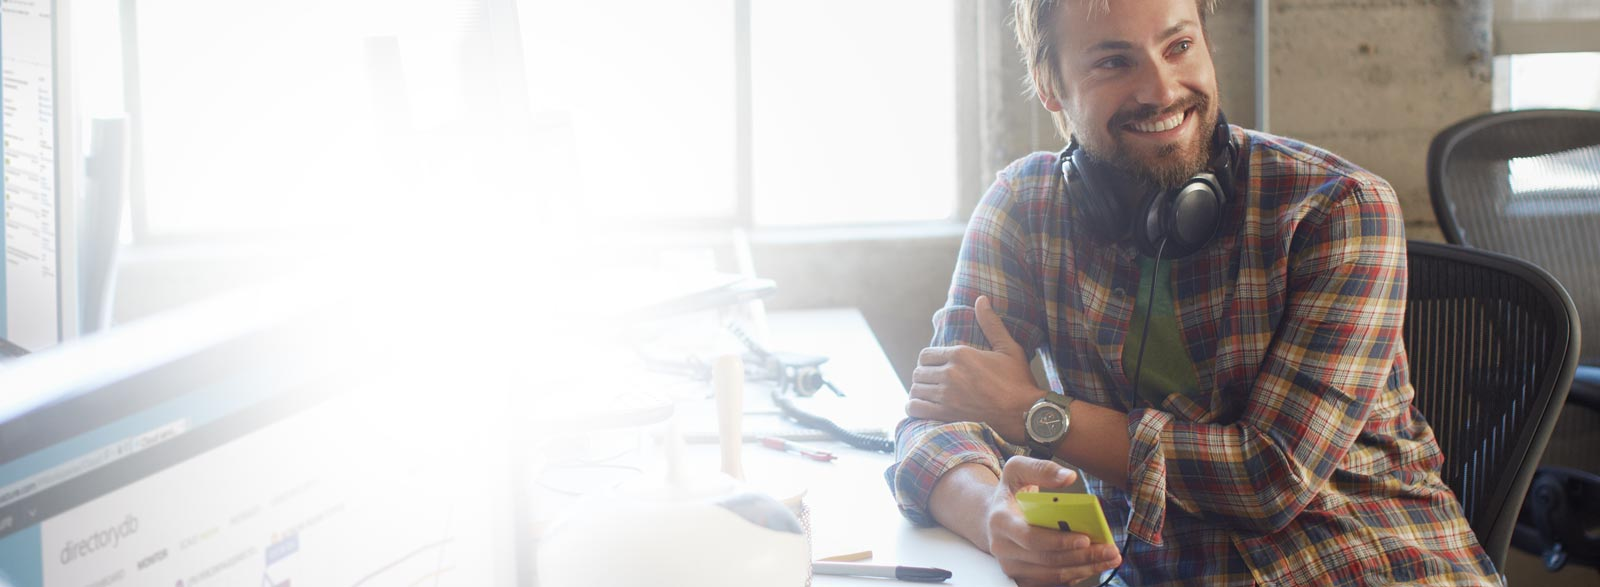 Adquiera los últimos servicios de productividad y colaboración gracias a Office 365 Enterprise E1.